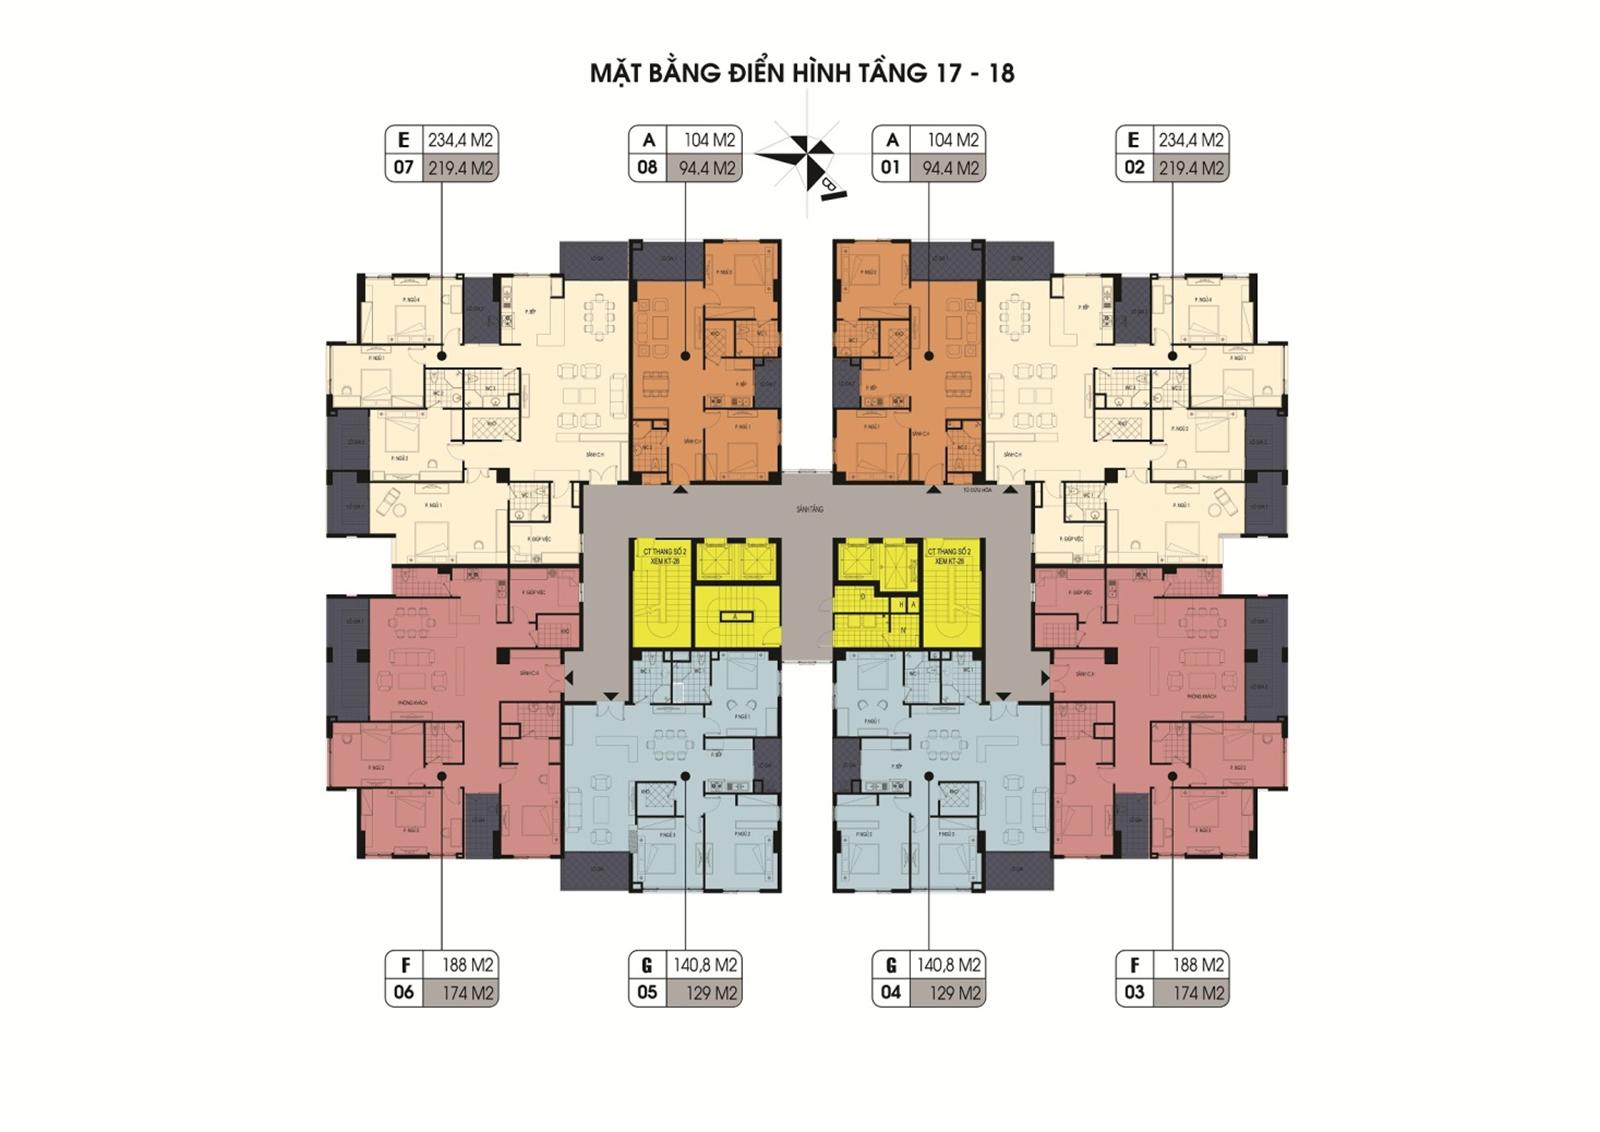 mặt bằng tầng 17 - 18 chung cư northern diamond